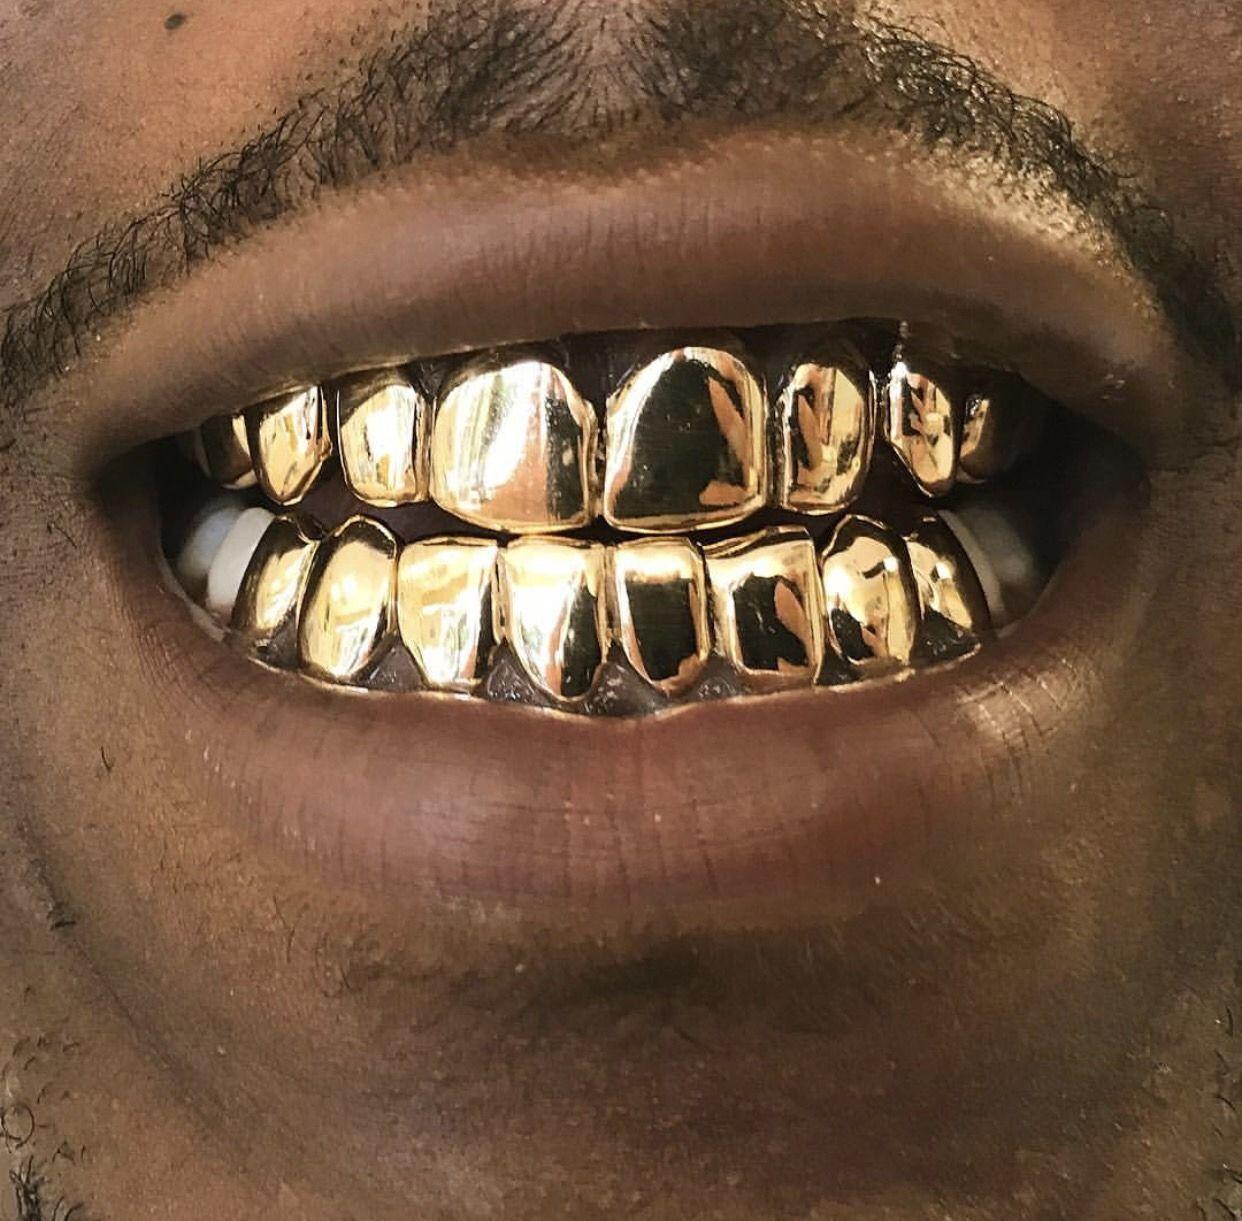 универсальное смешные картинки про золотые зубы направления